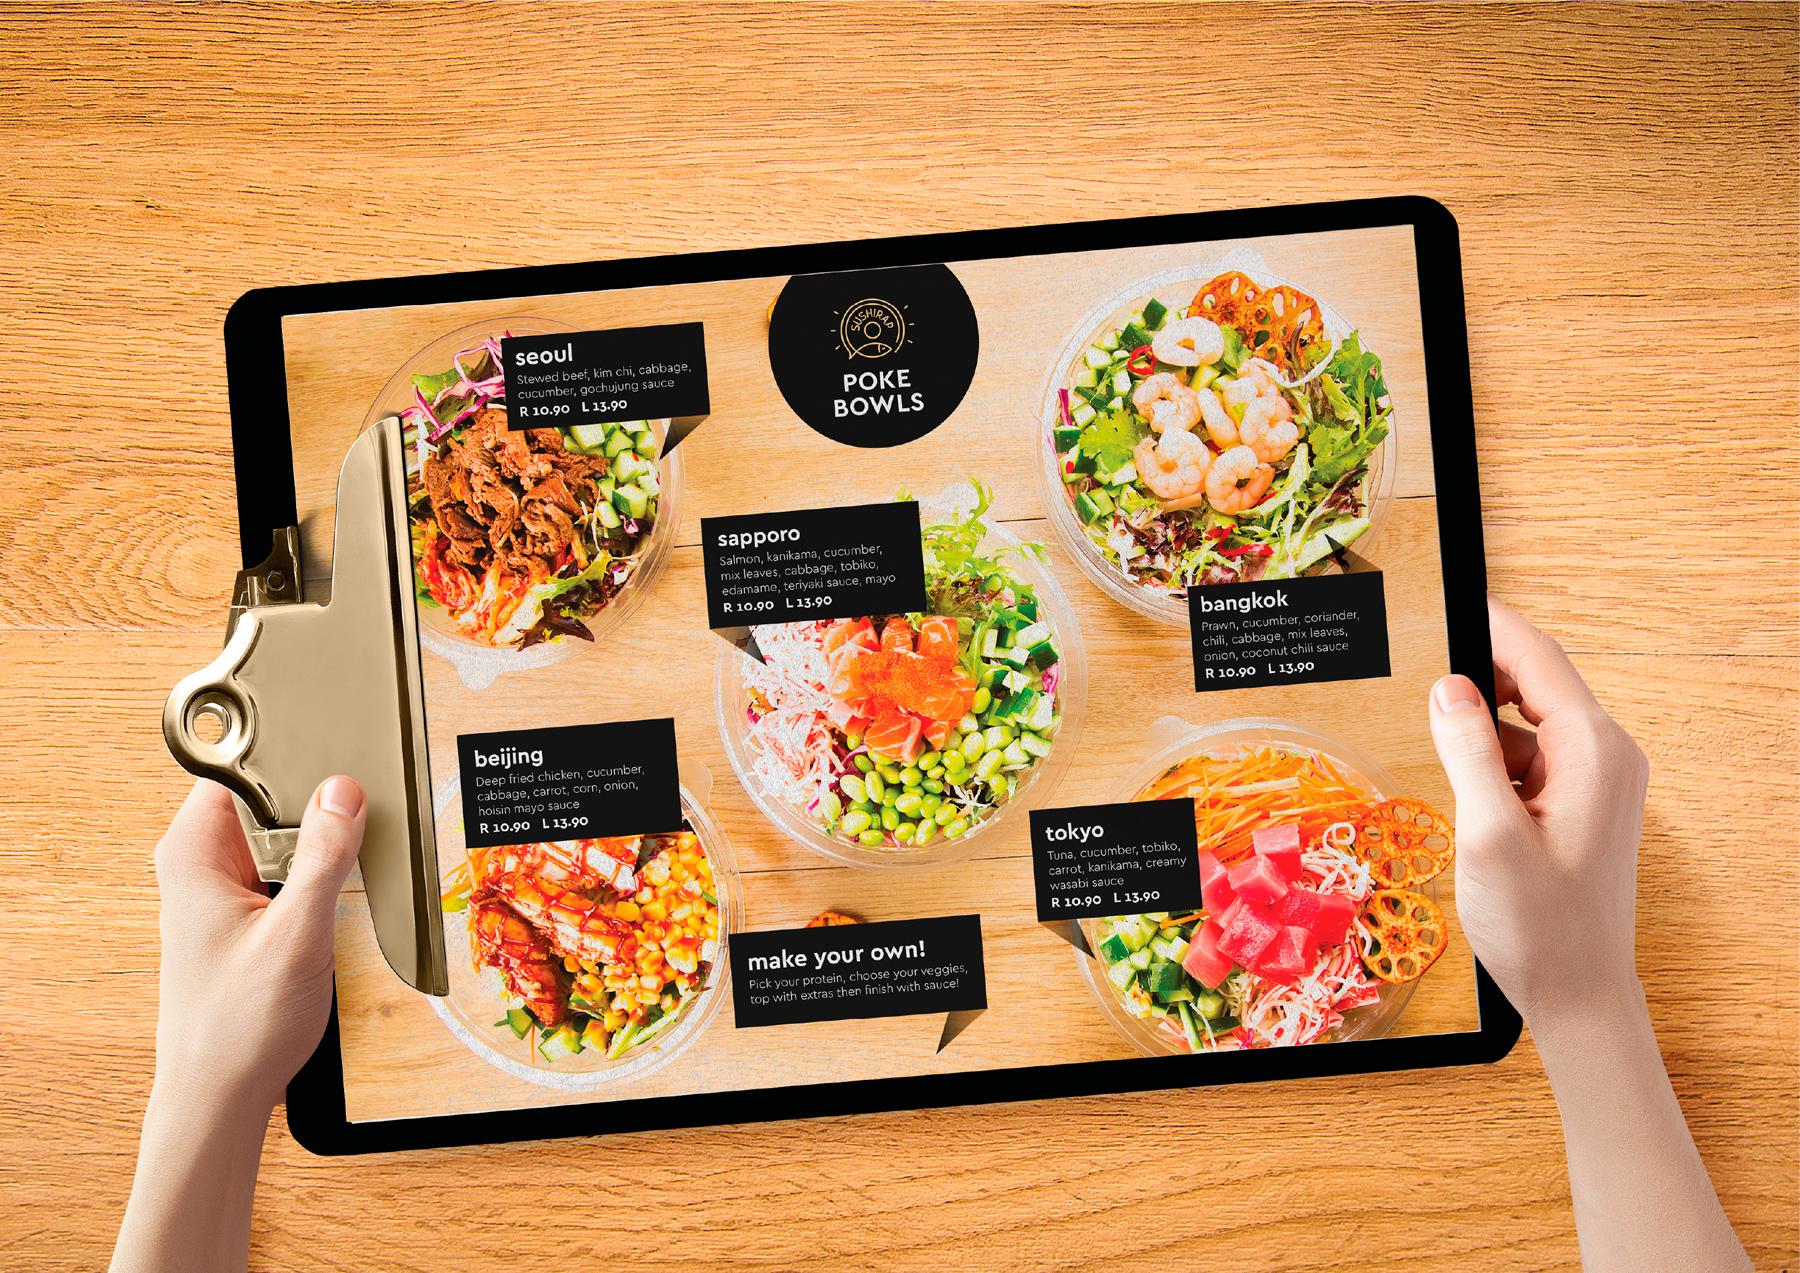 Sushirap-branding-menu-design-graphic-designer-sydney-1